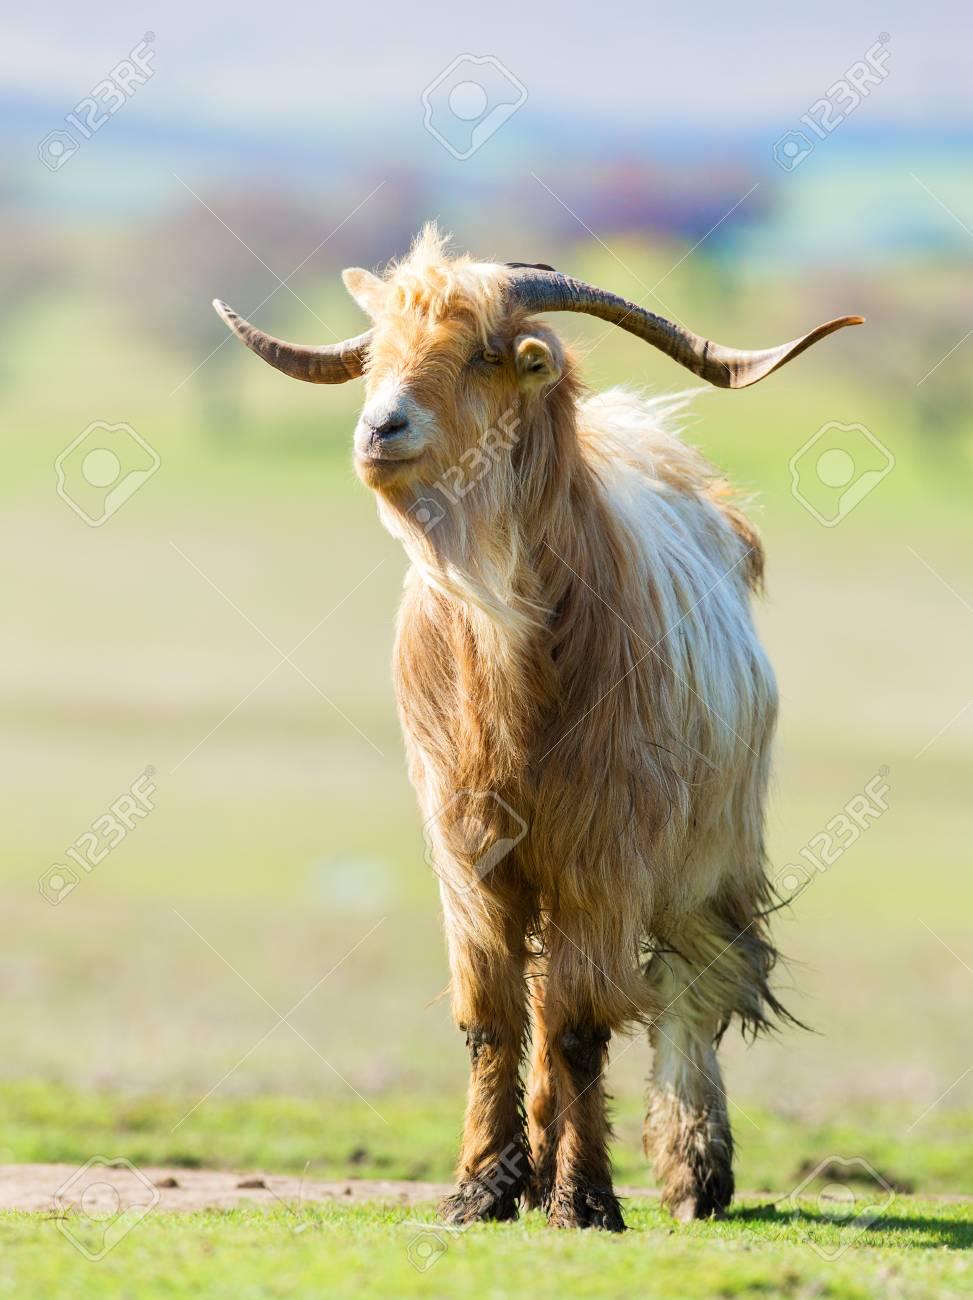 Goat Horns Google Search Goat Horns Goats Animals